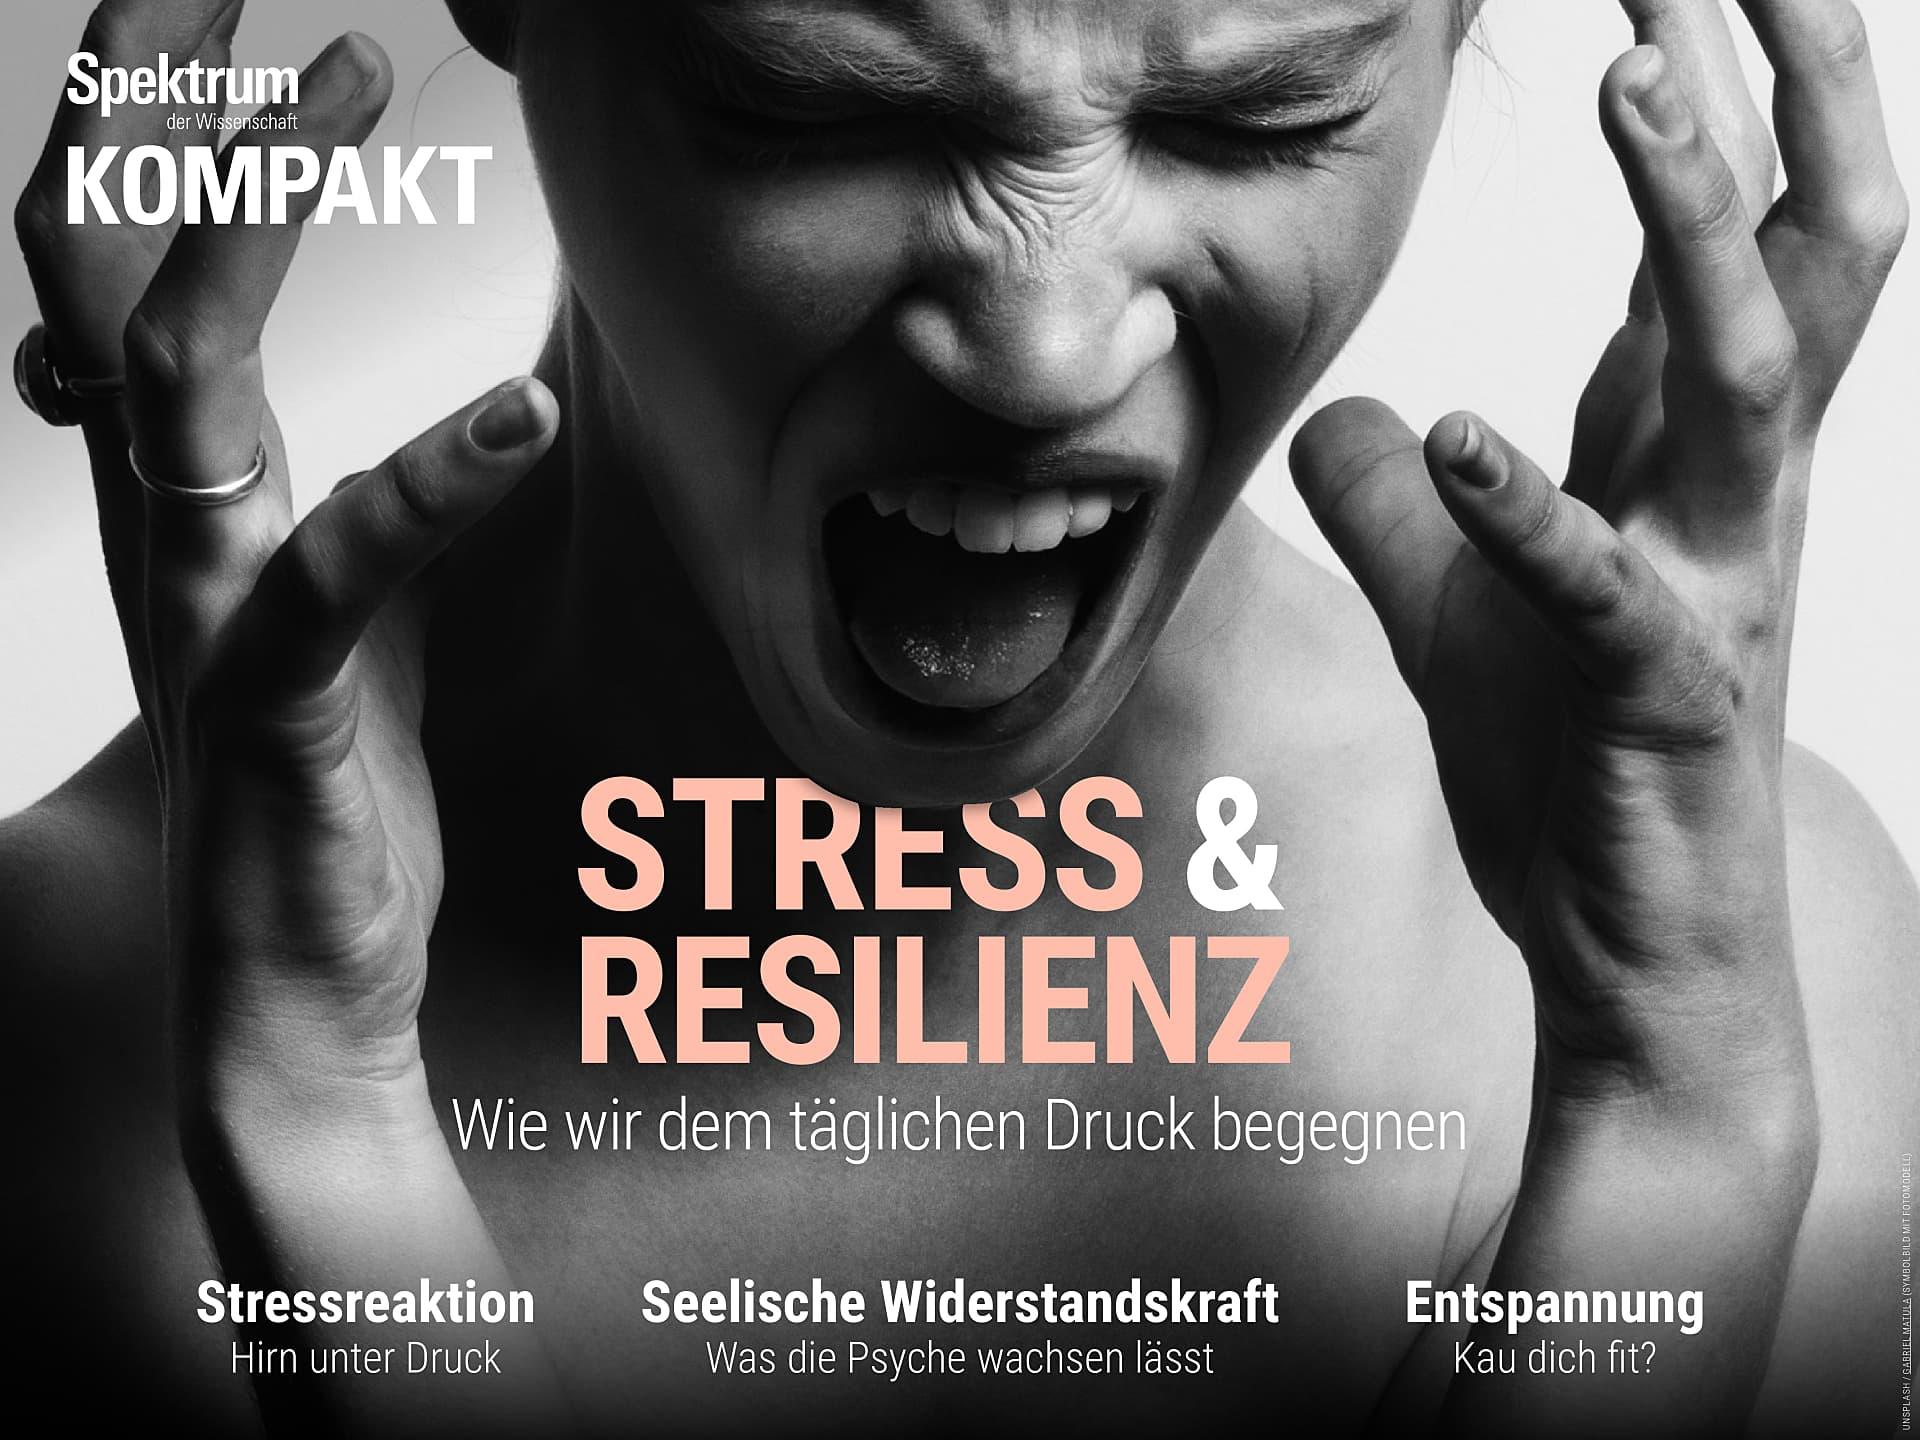 Stress und Resilienz - Wie wir dem täglichen Druck begegnen